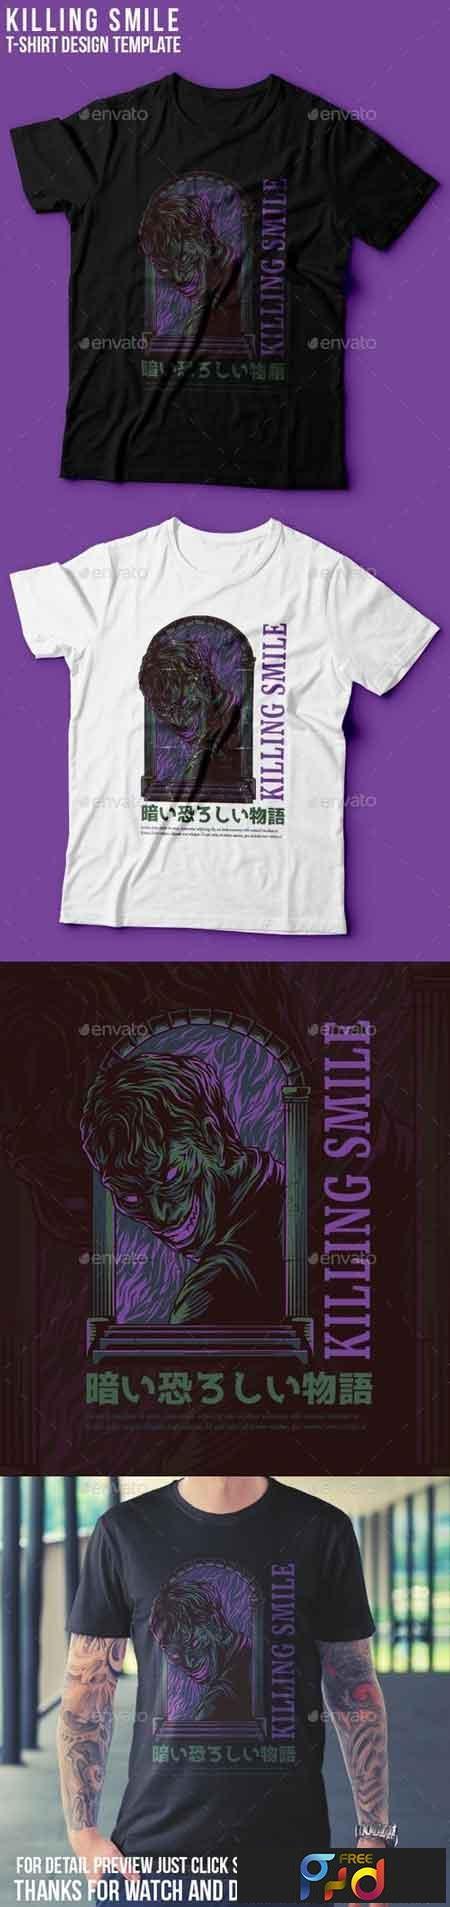 Killing Smile T-Shirt Design 22801496 1